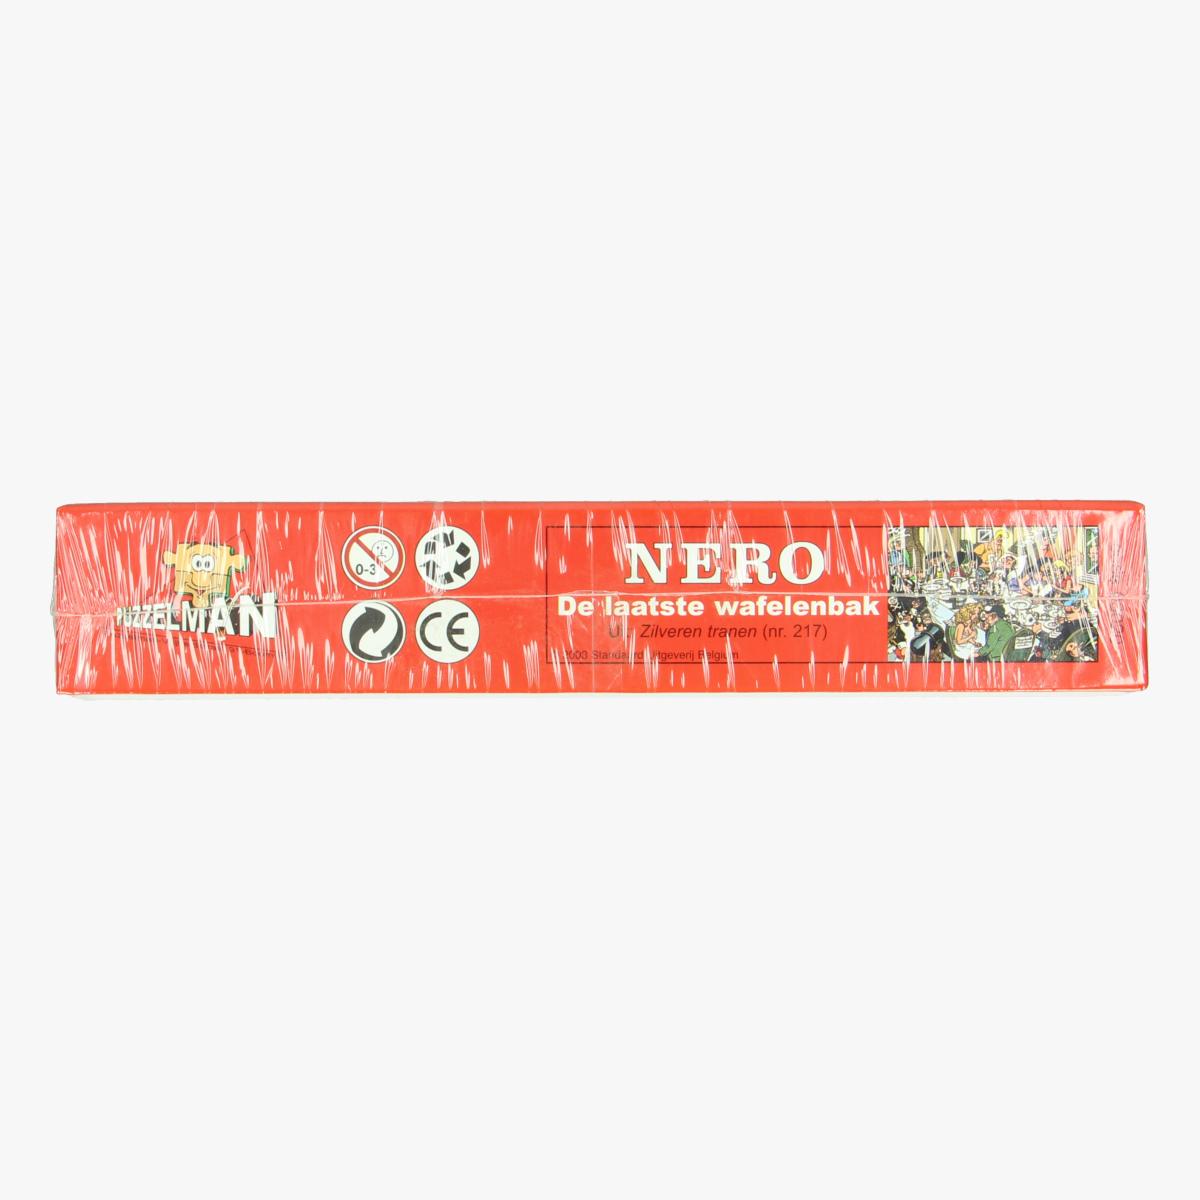 Afbeeldingen van Püzzel Nero de laatste wafelenbak